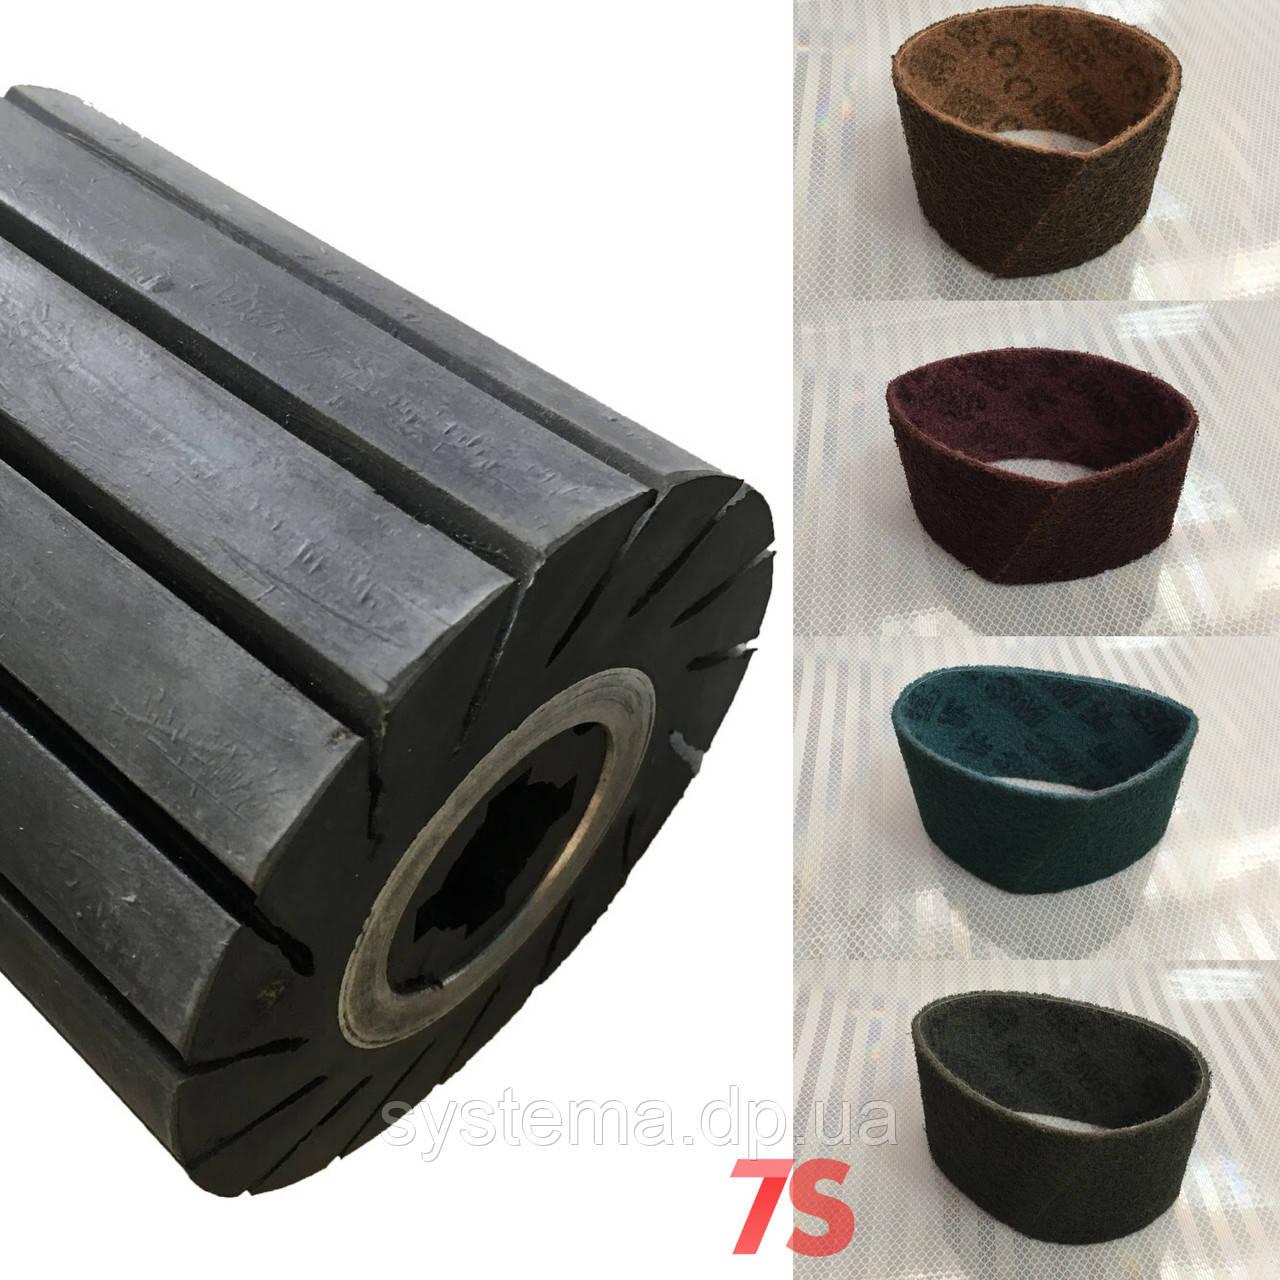 Шлифовальная лента скотч-брайт для резинового вала (барабана) - 3M Scotch-Brite, 100x286 мм